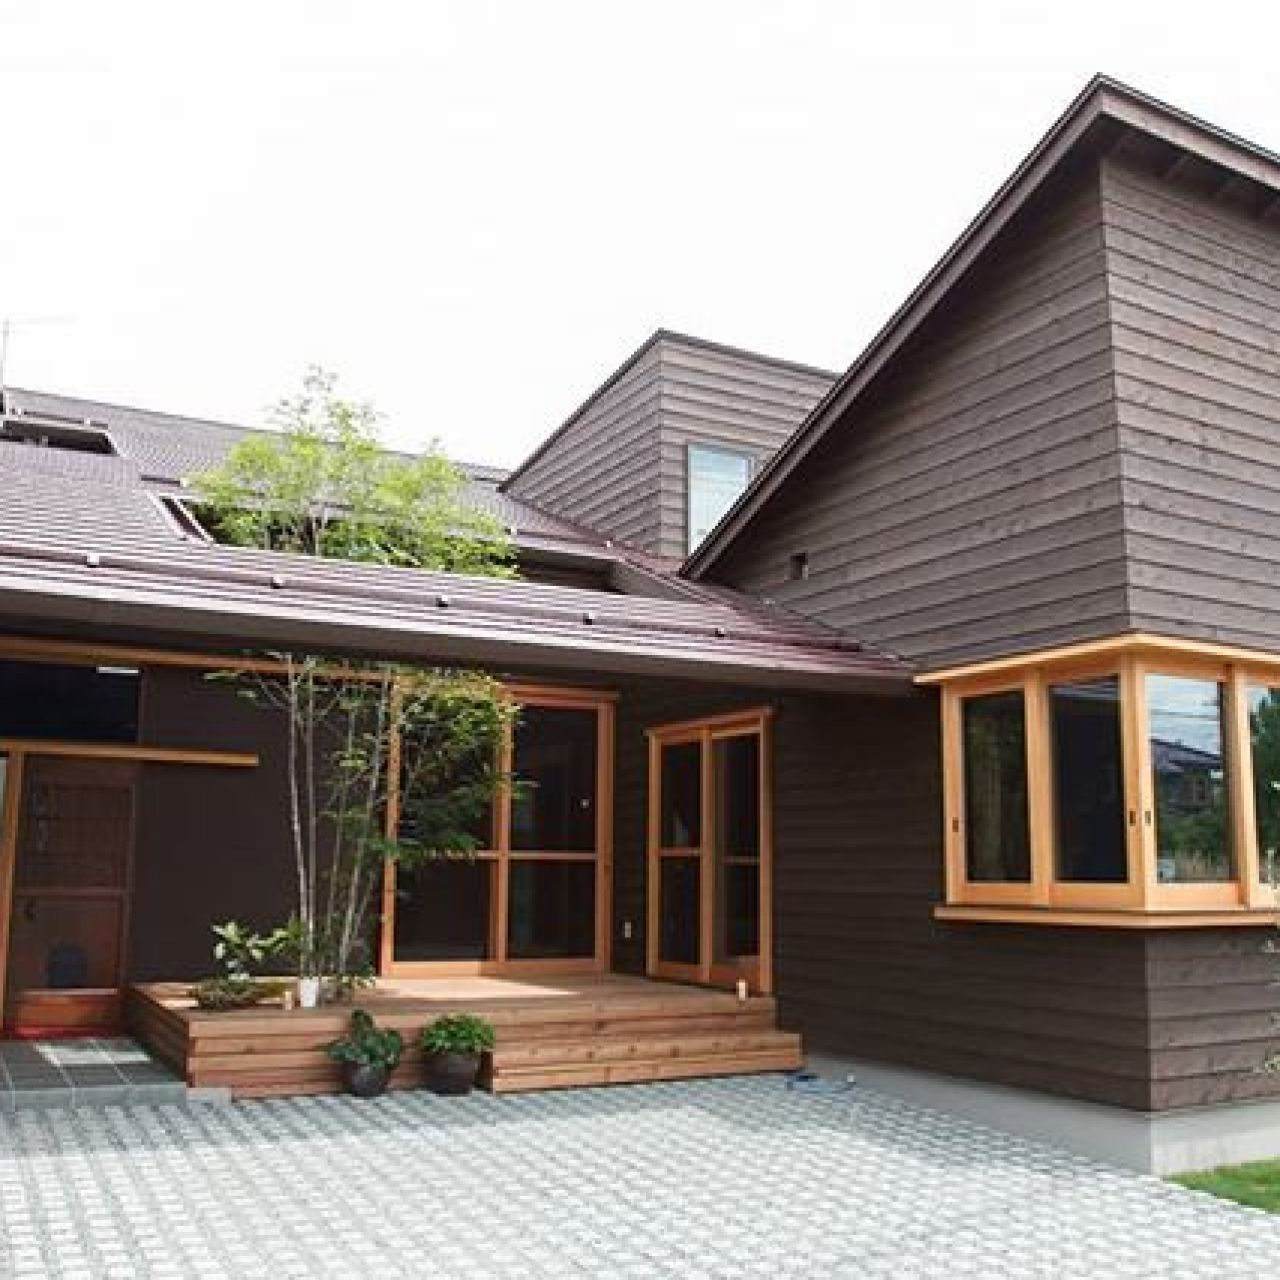 ダイナミックな屋根。自然素材なつくりなのに素朴さよりも先進的に感じる外観。#杉板張り #造作窓 #木枠窓 #niko設計#ニコ設計 #デザイン#自然素材 #注文住宅